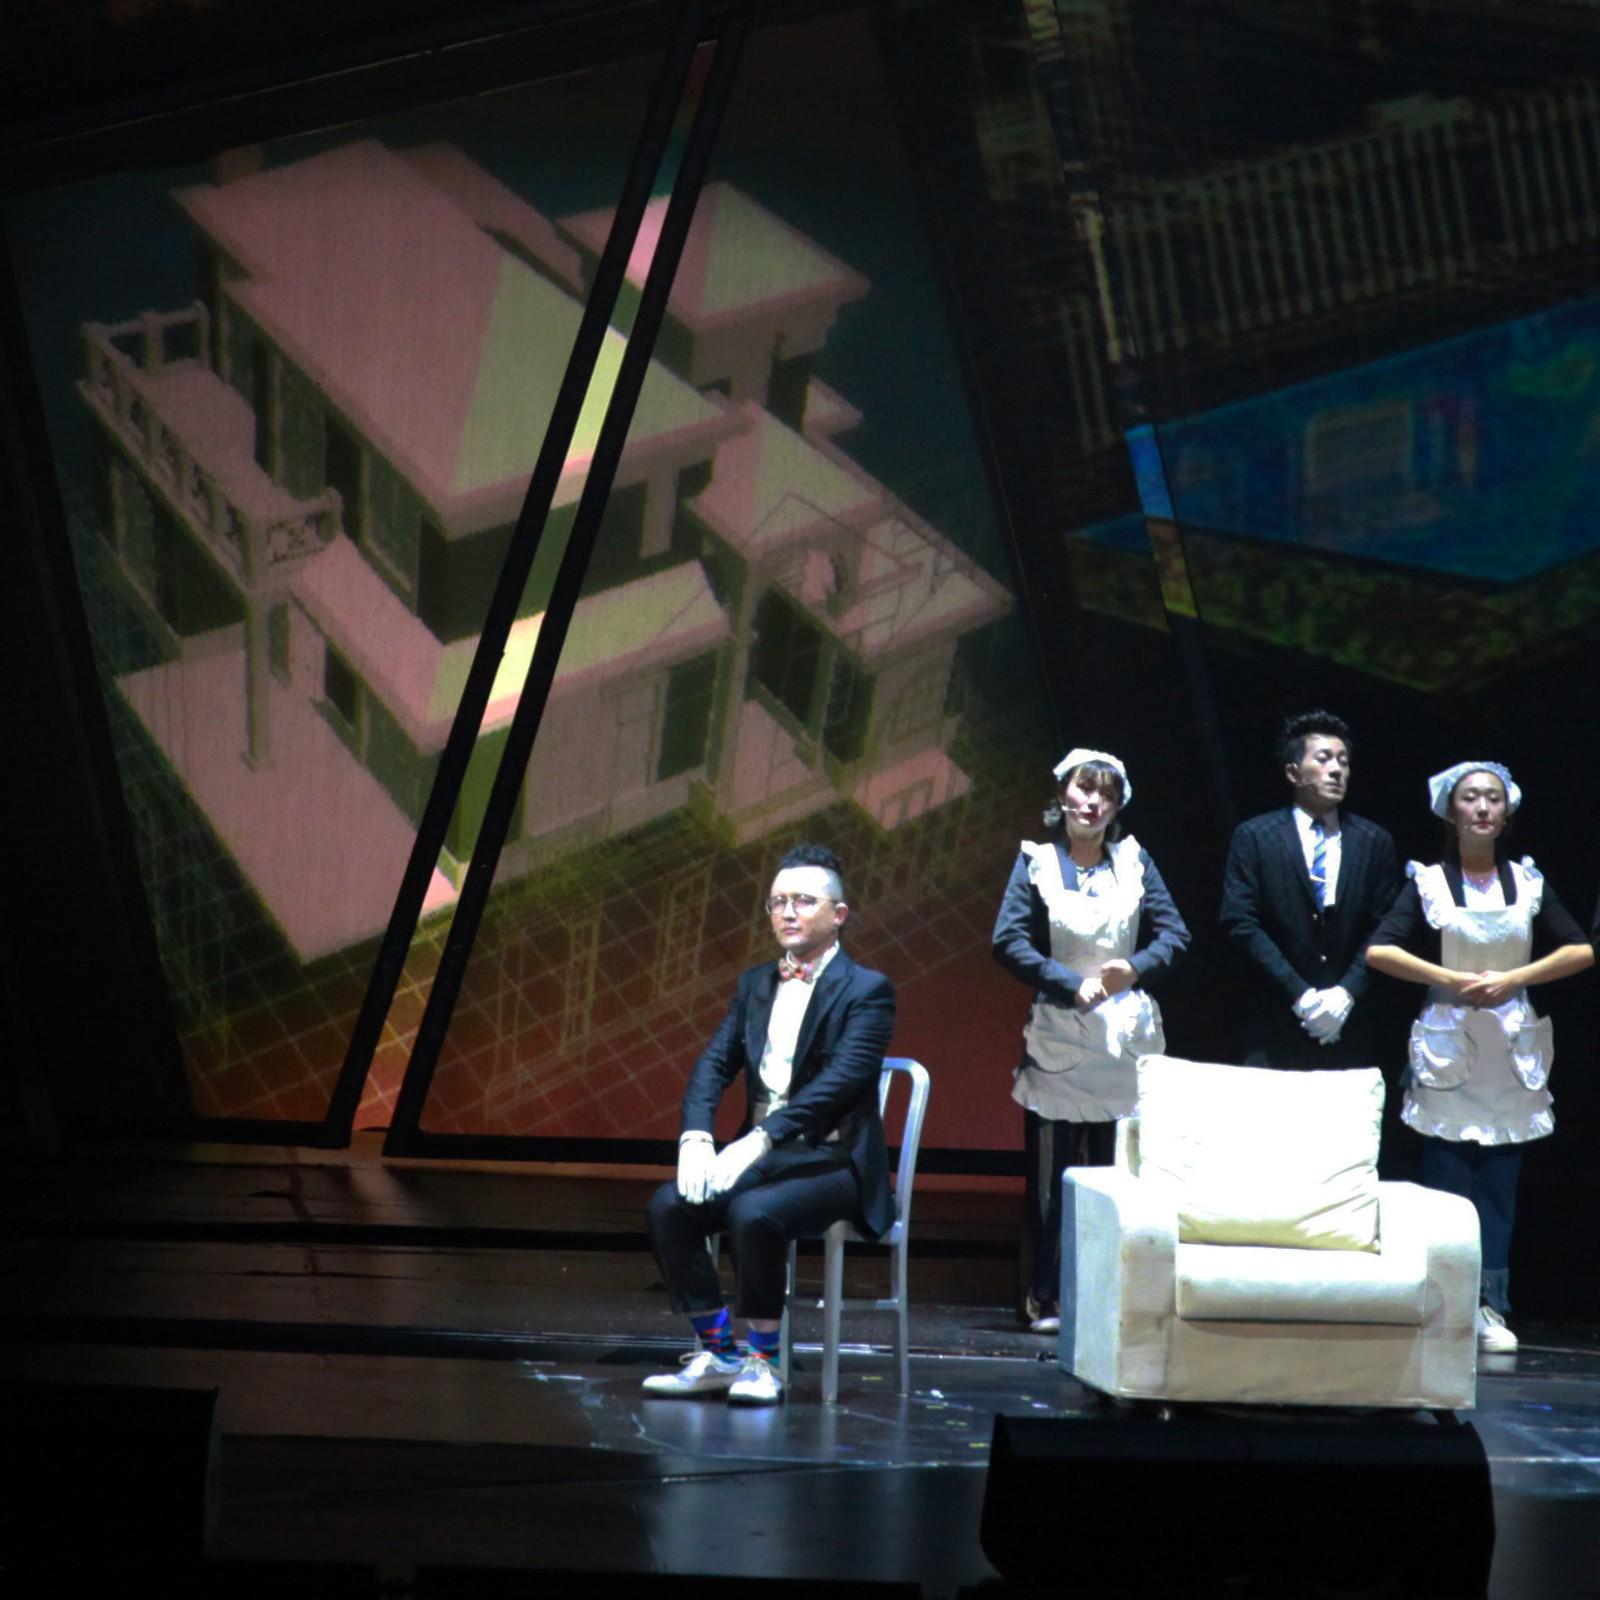 那吾克热参演《阿尔兹记忆的爱情》用说唱刷屏音乐剧现场